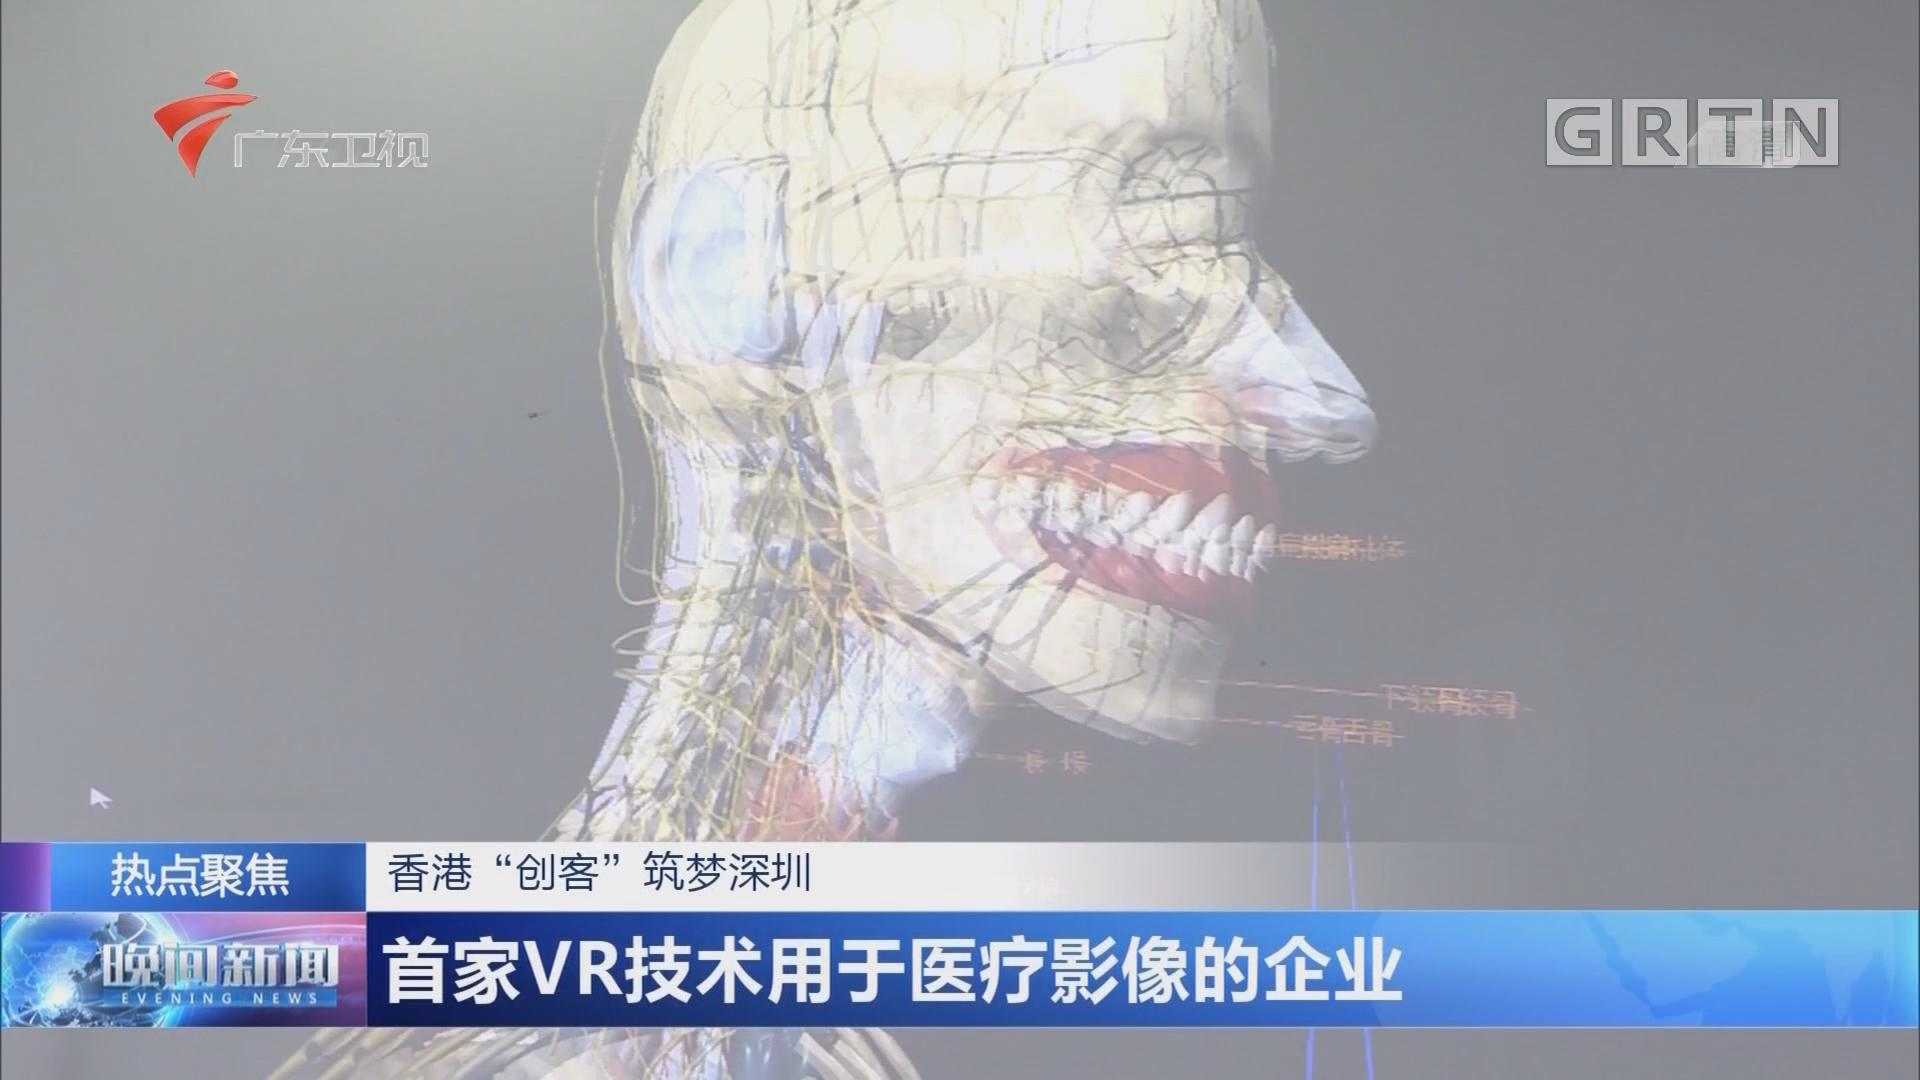 """香港""""创客""""筑梦深圳 首家VR技术用于医疗影像的企业"""